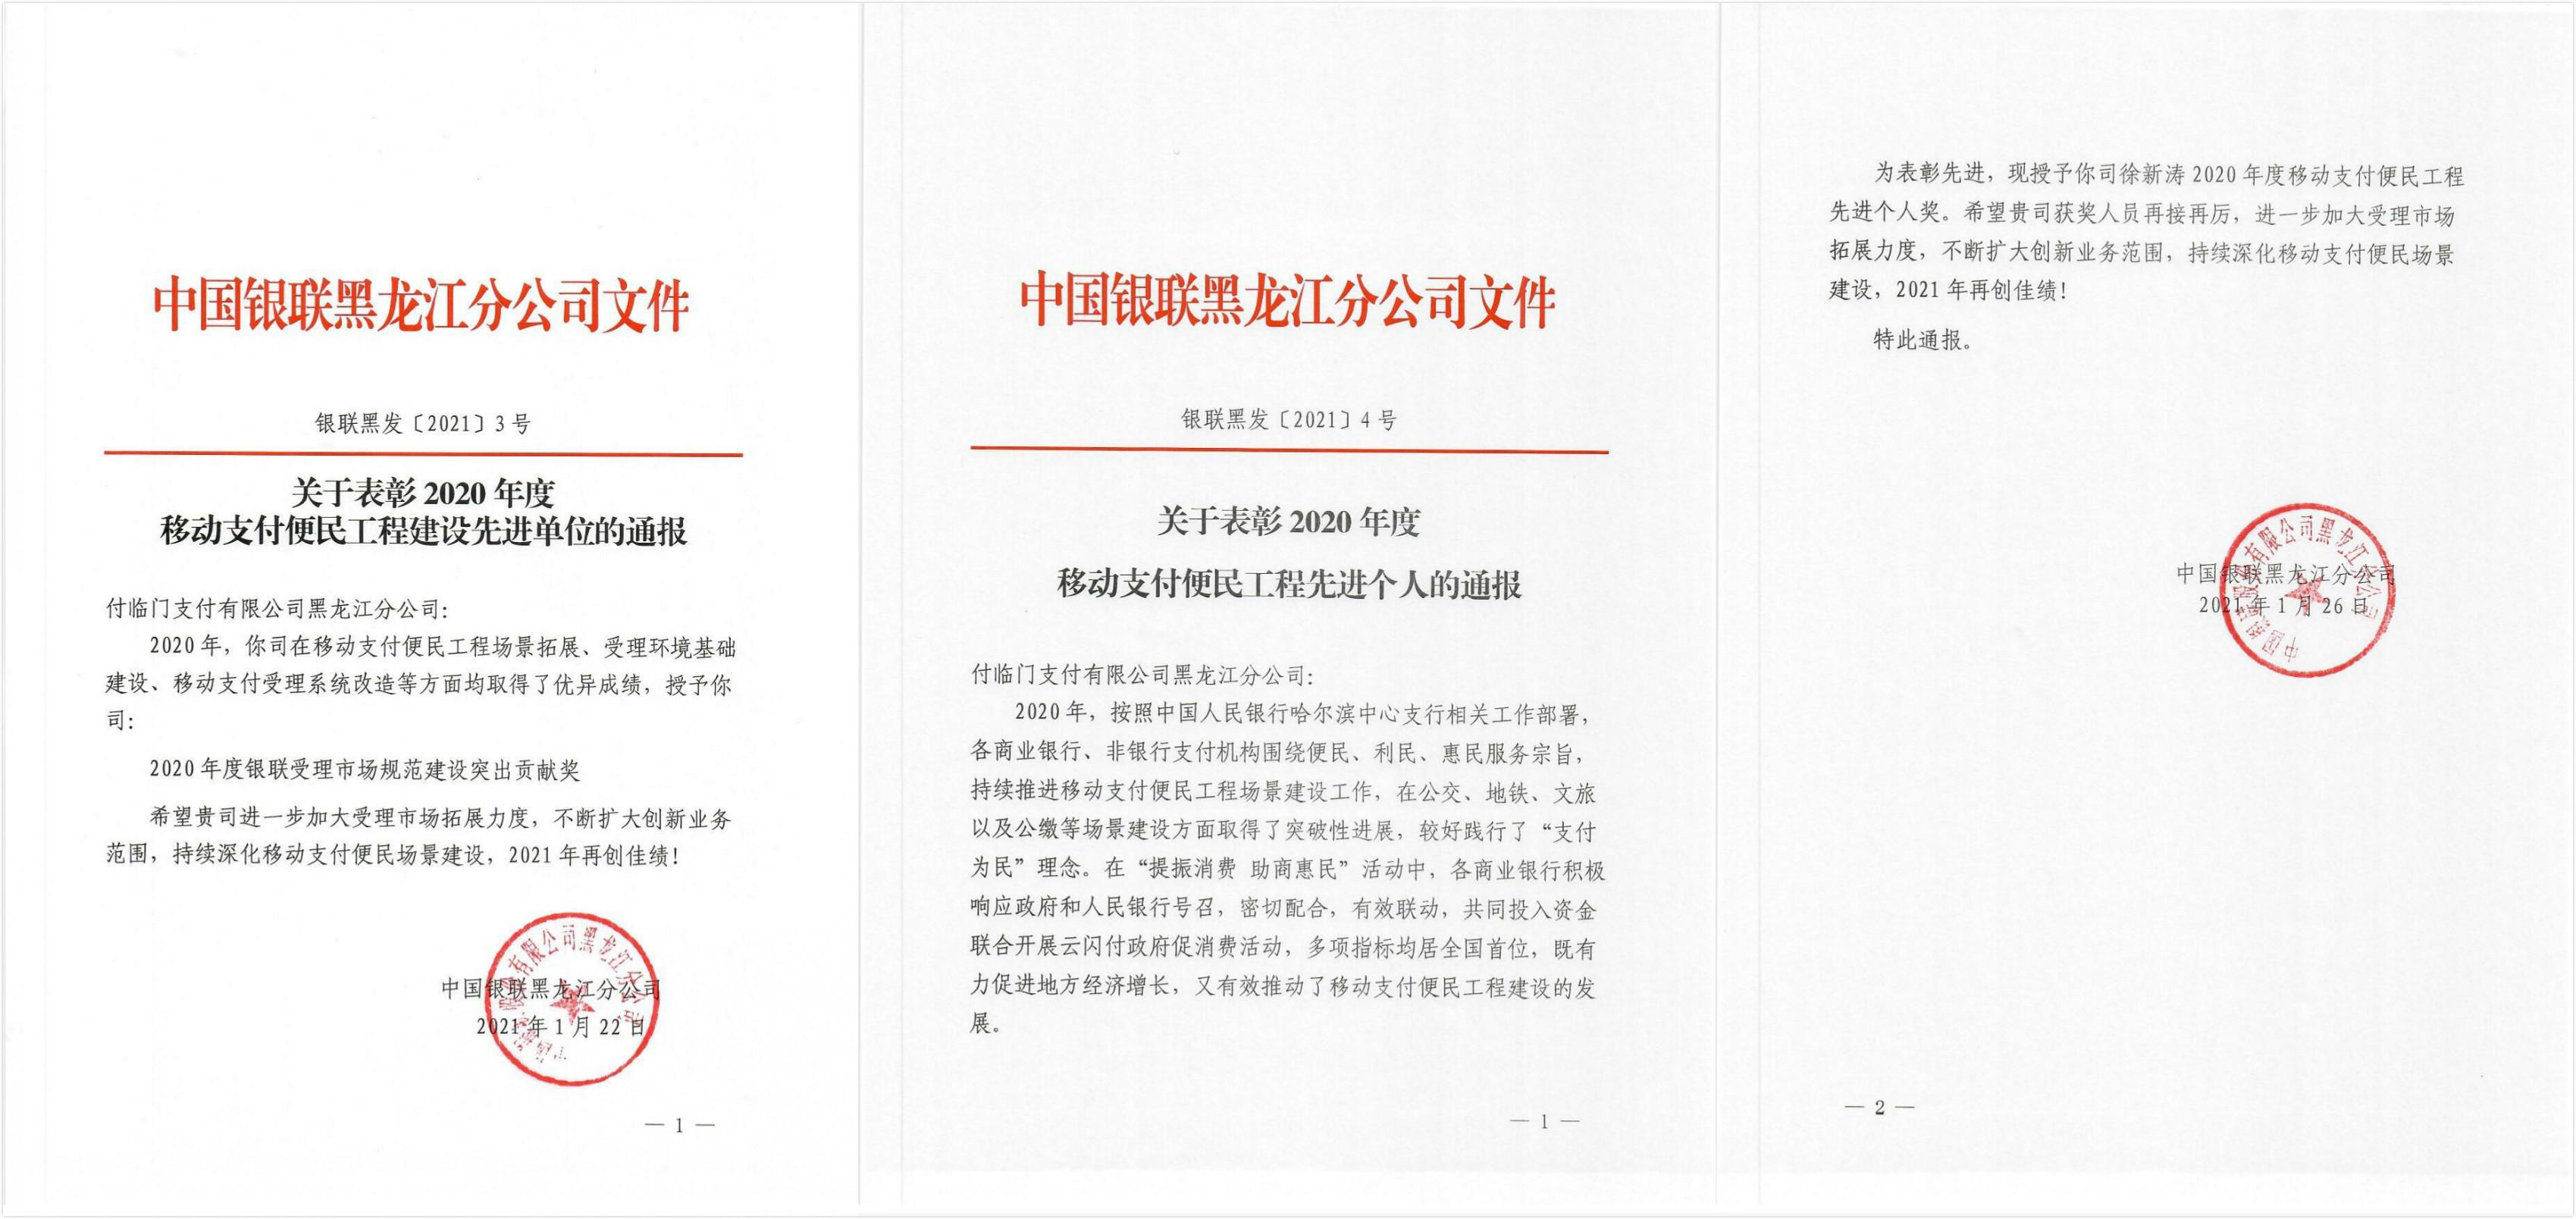 优秀!付临门捷报频传 黑龙江分公司再获银联嘉奖